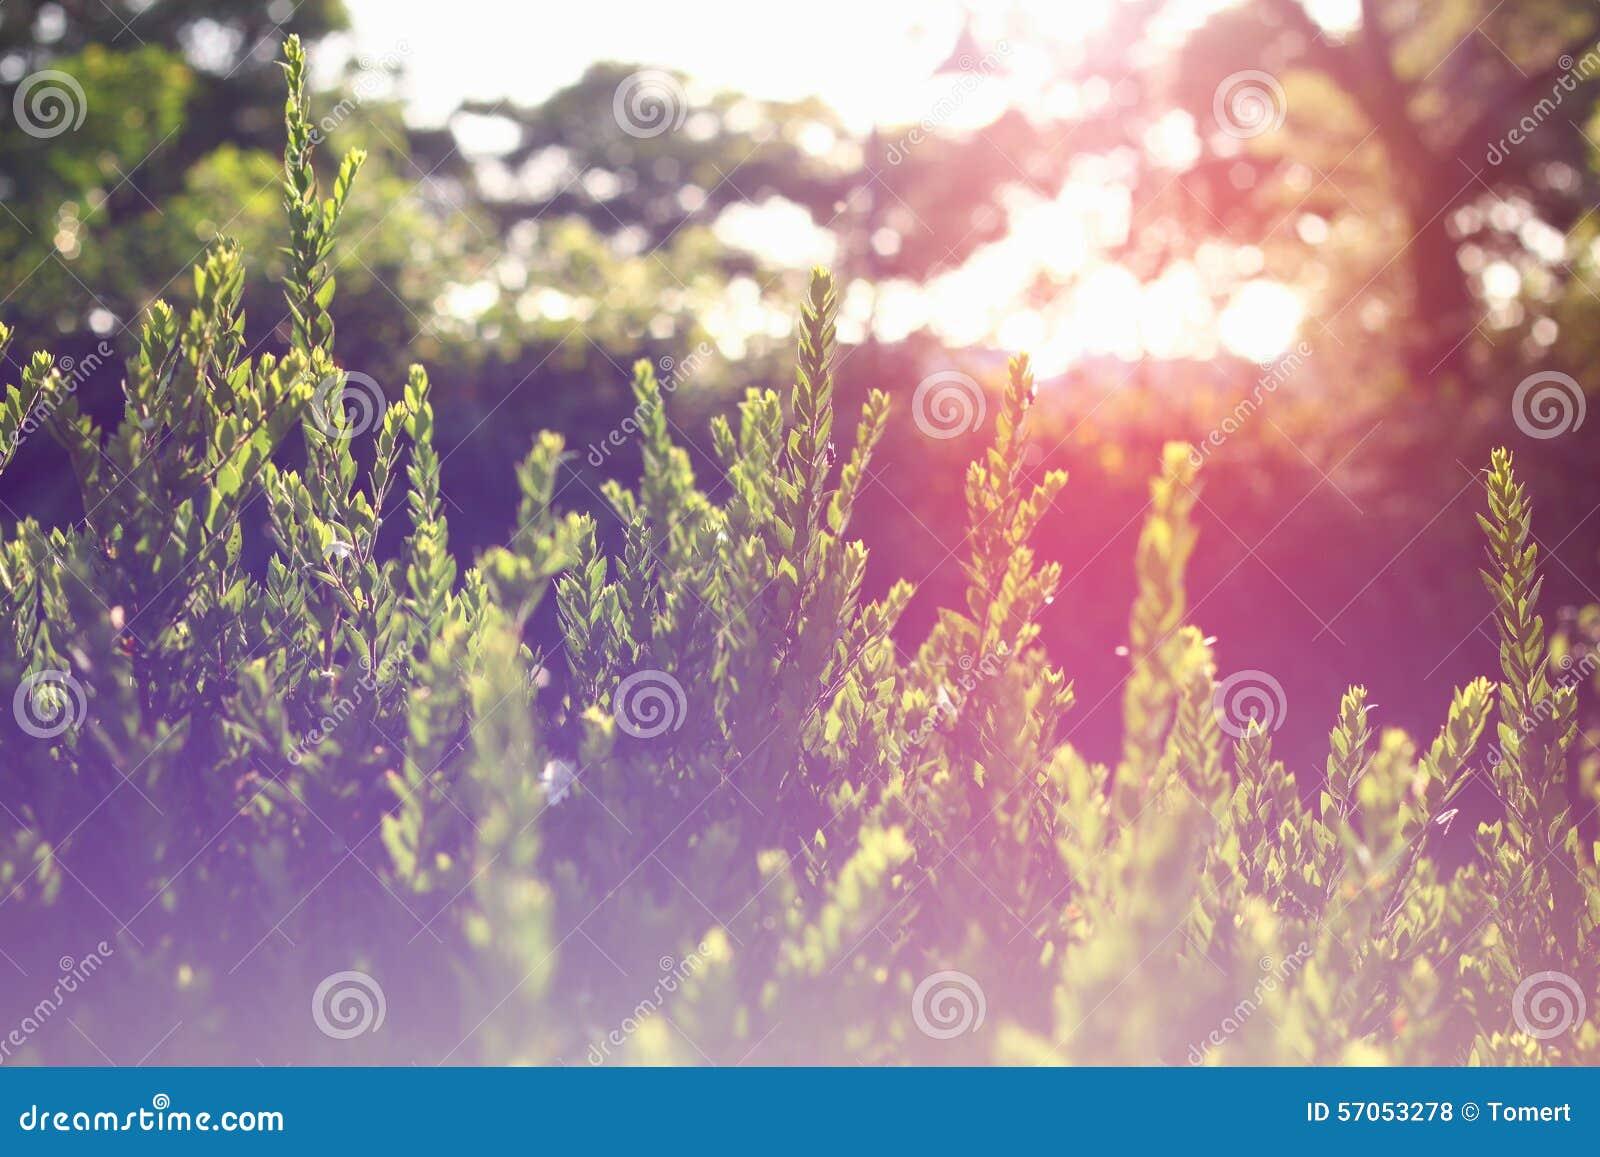 De abstracte foto van licht barstte onder bomen en schittert bokeh lichten het beeld is vaag en gefiltreerd